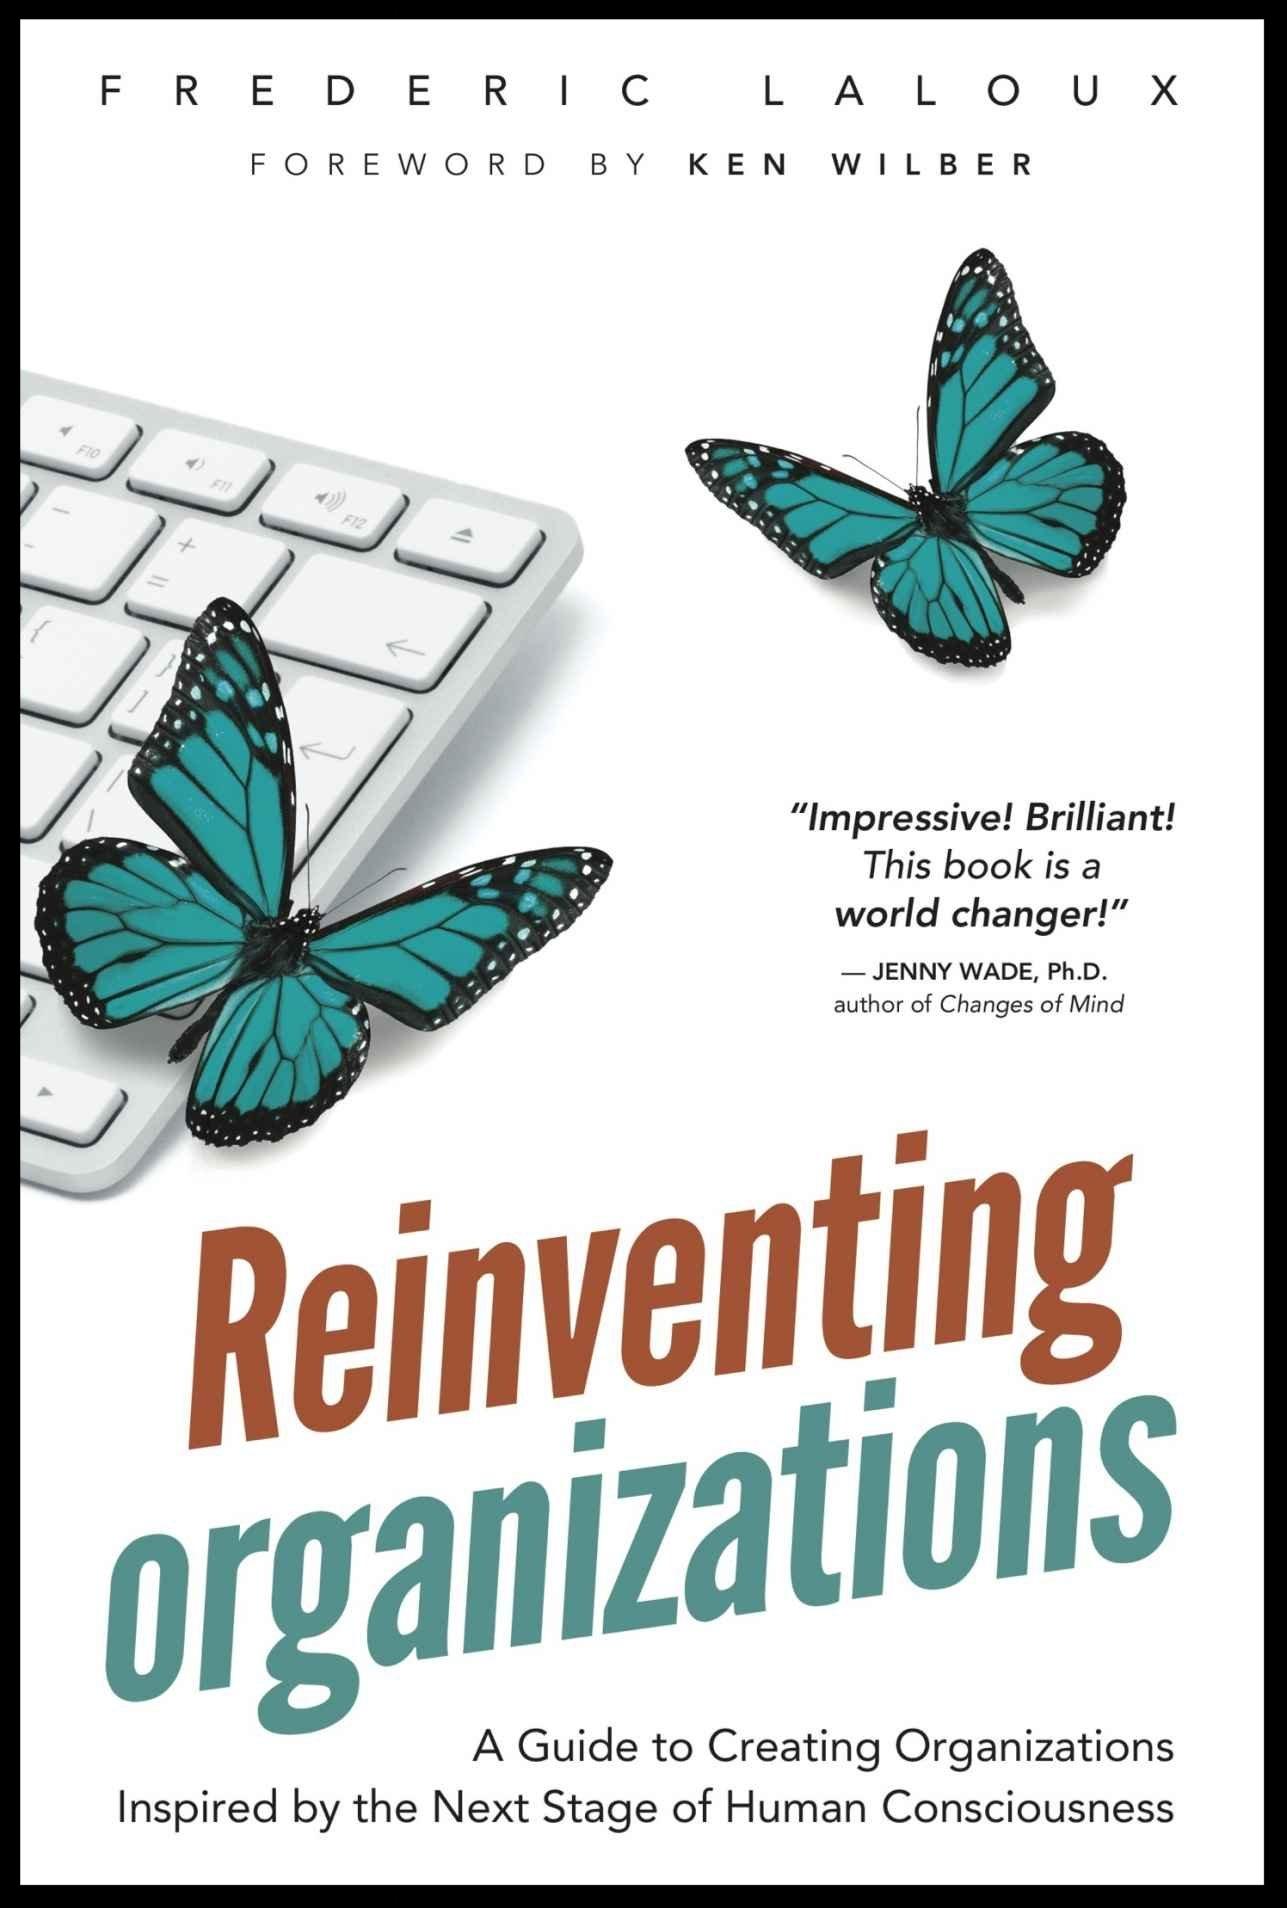 Der Bestseller von Frédéric Laloux ist das Grundlagenwerk zu Teal Organizations. Mittlerweile auch in  deutscher Sprache .